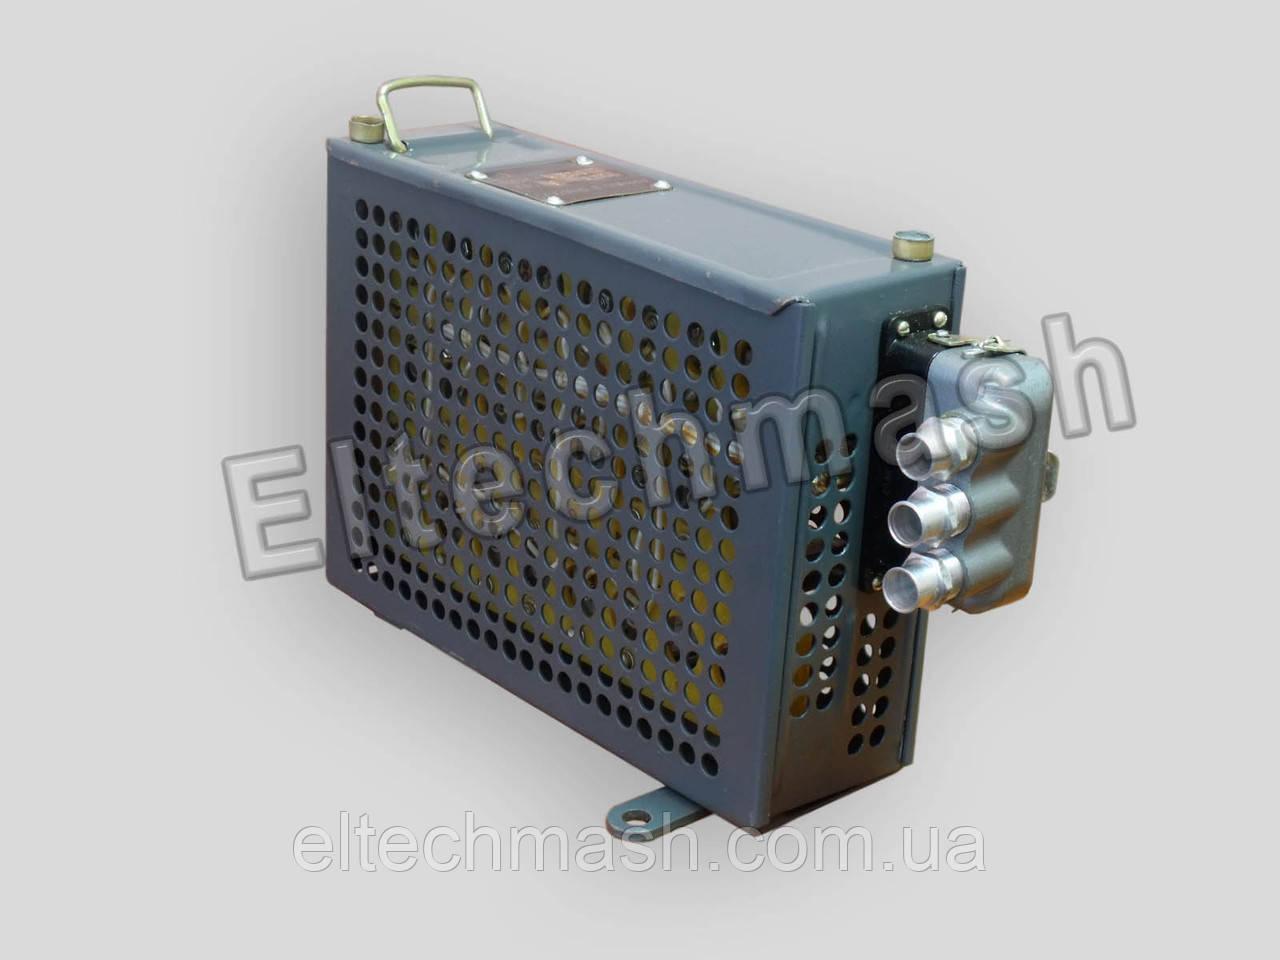 Блок выпрямителей кремниевых БВК-450А У2, ИАКВ.656121.049-28, (3ТХ.670.104-14)